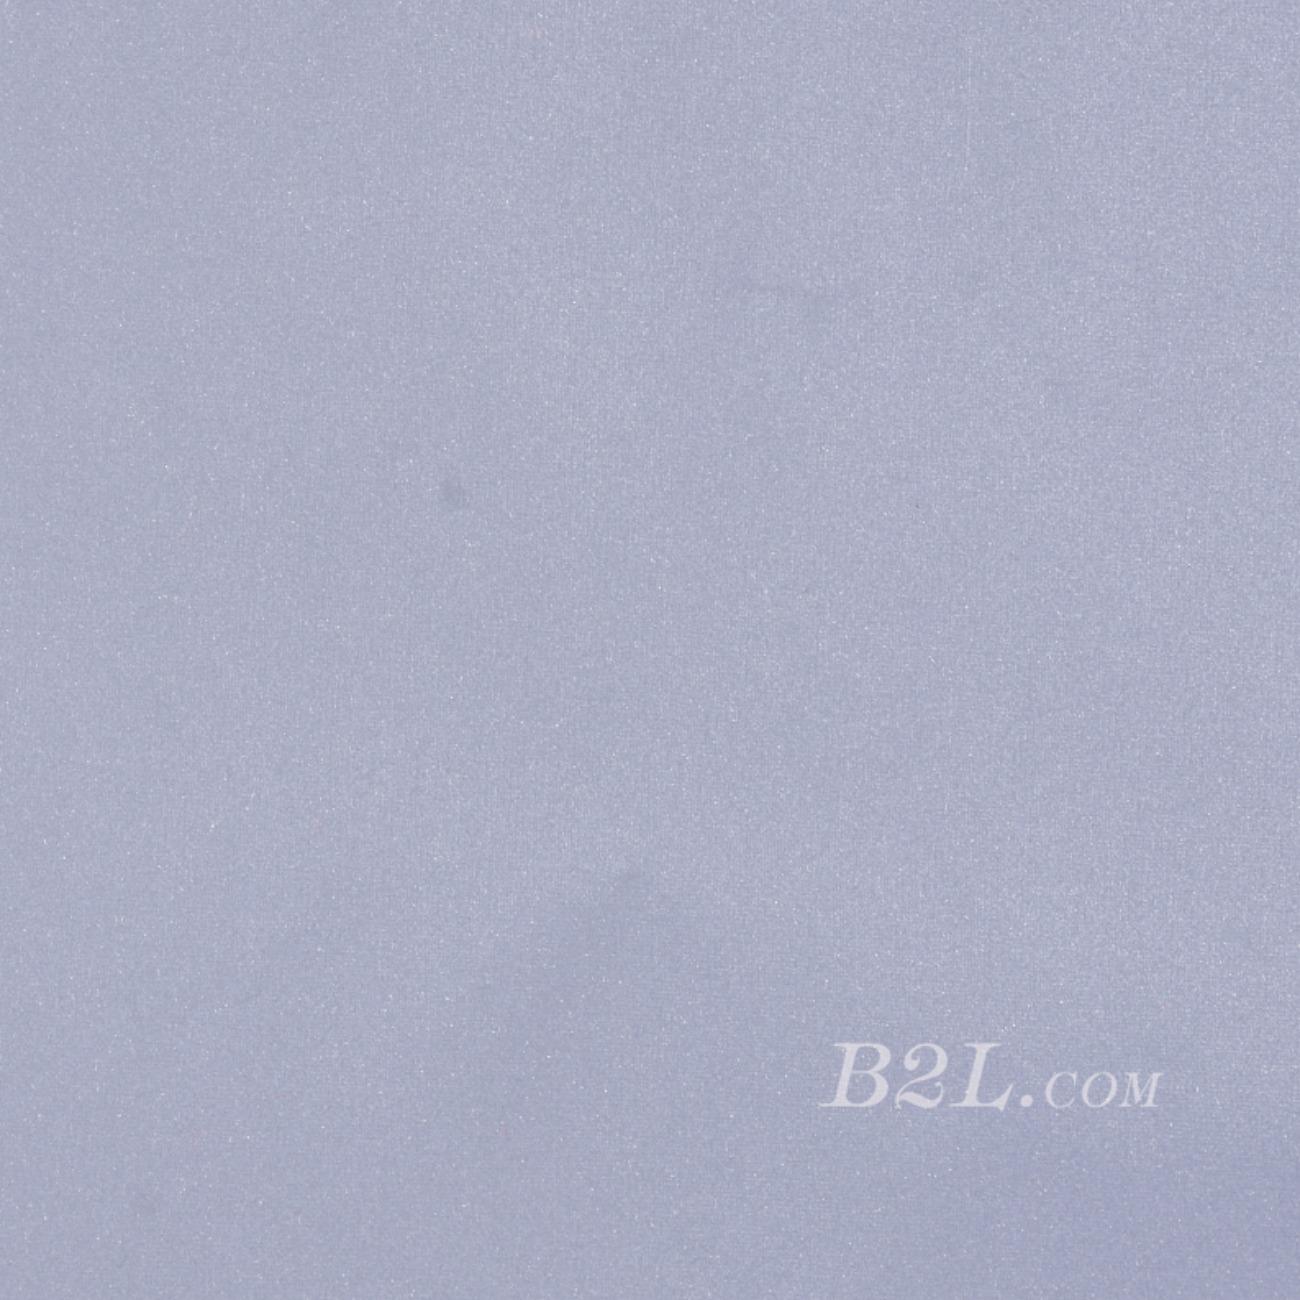 素色 梭织 染色 低弹 反光 玻璃珠 春秋 连衣裙 礼服 时装 90307-47